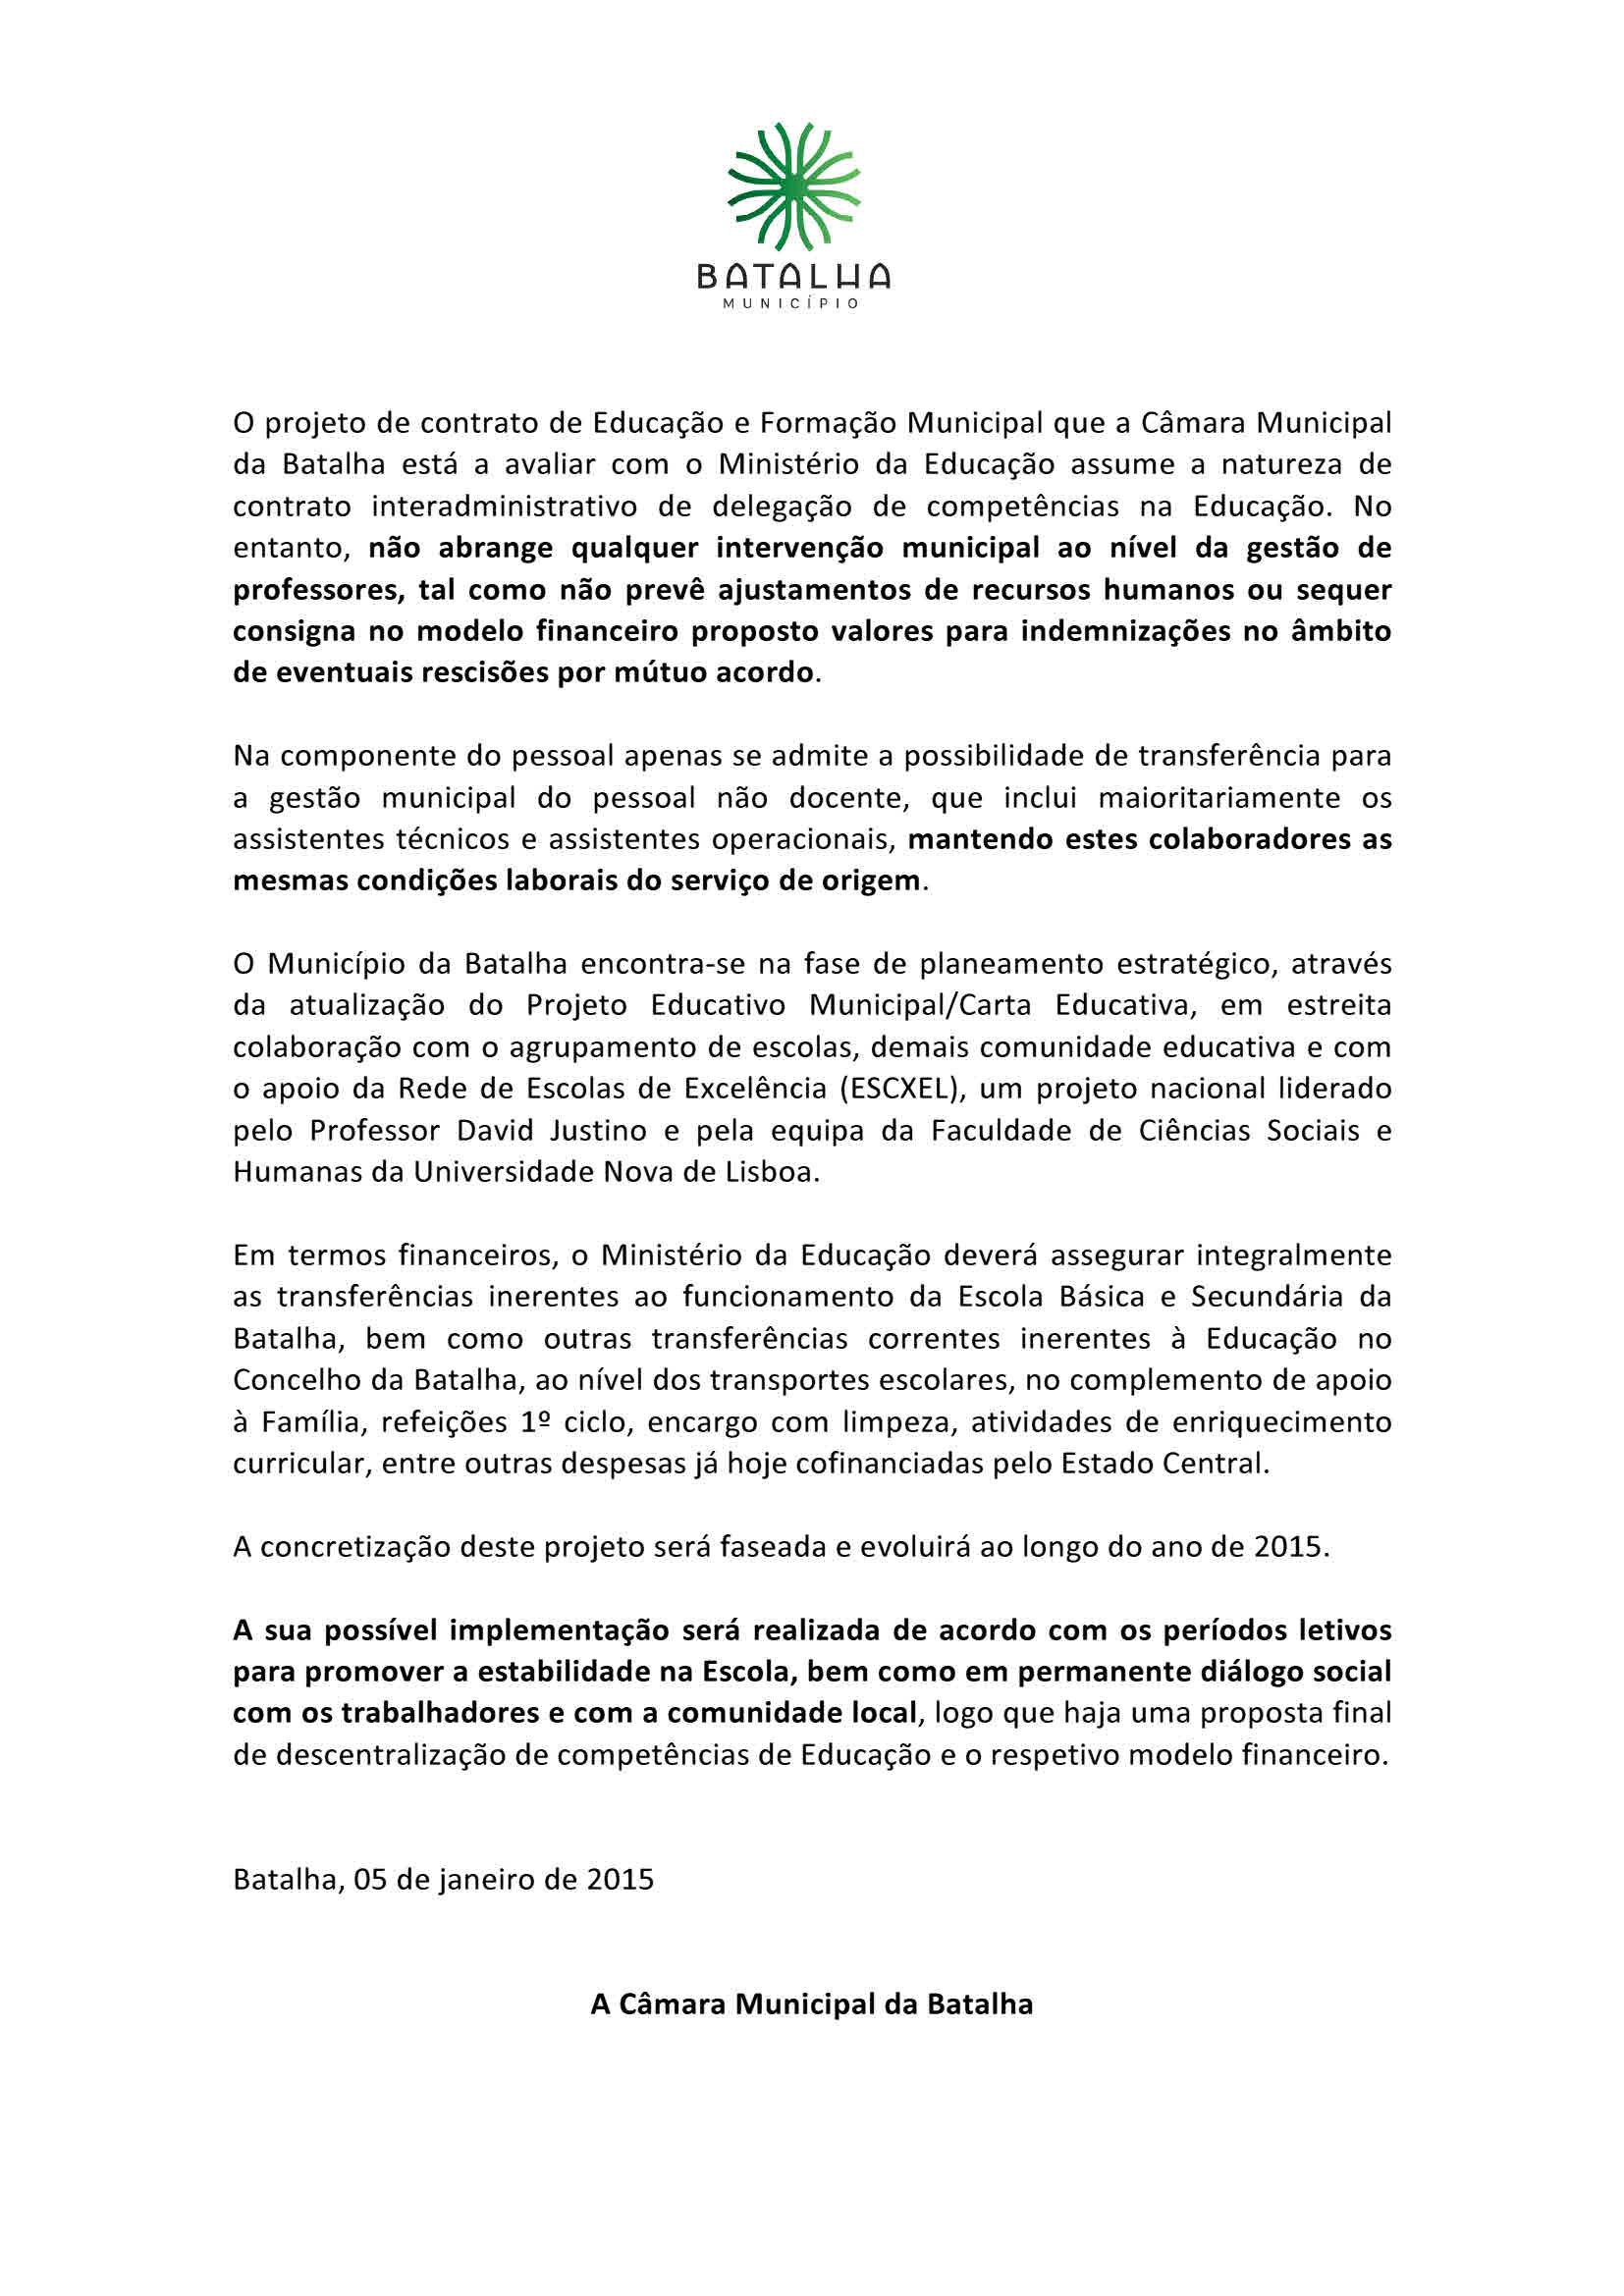 CMBATALHA_Esclarece_Educação (2)